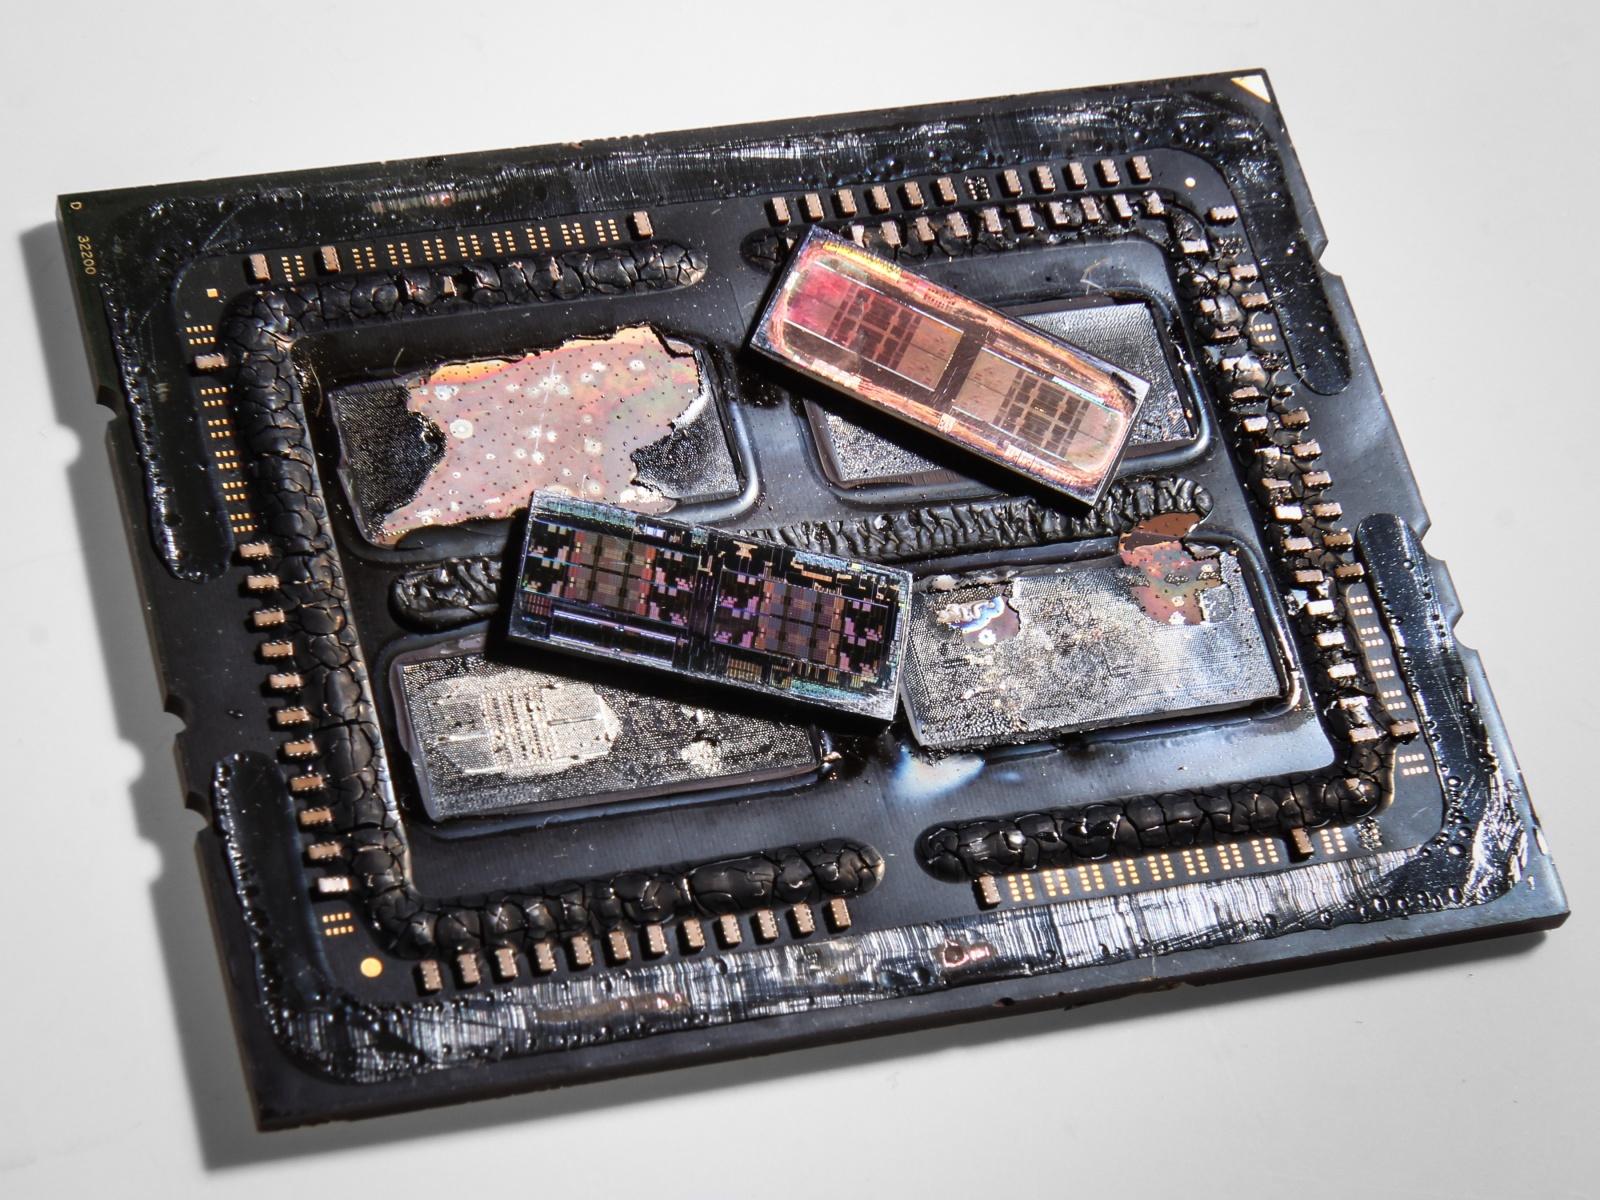 Системы в корпусе или Что на самом деле находится под крышкой корпуса микропроцессора - 1